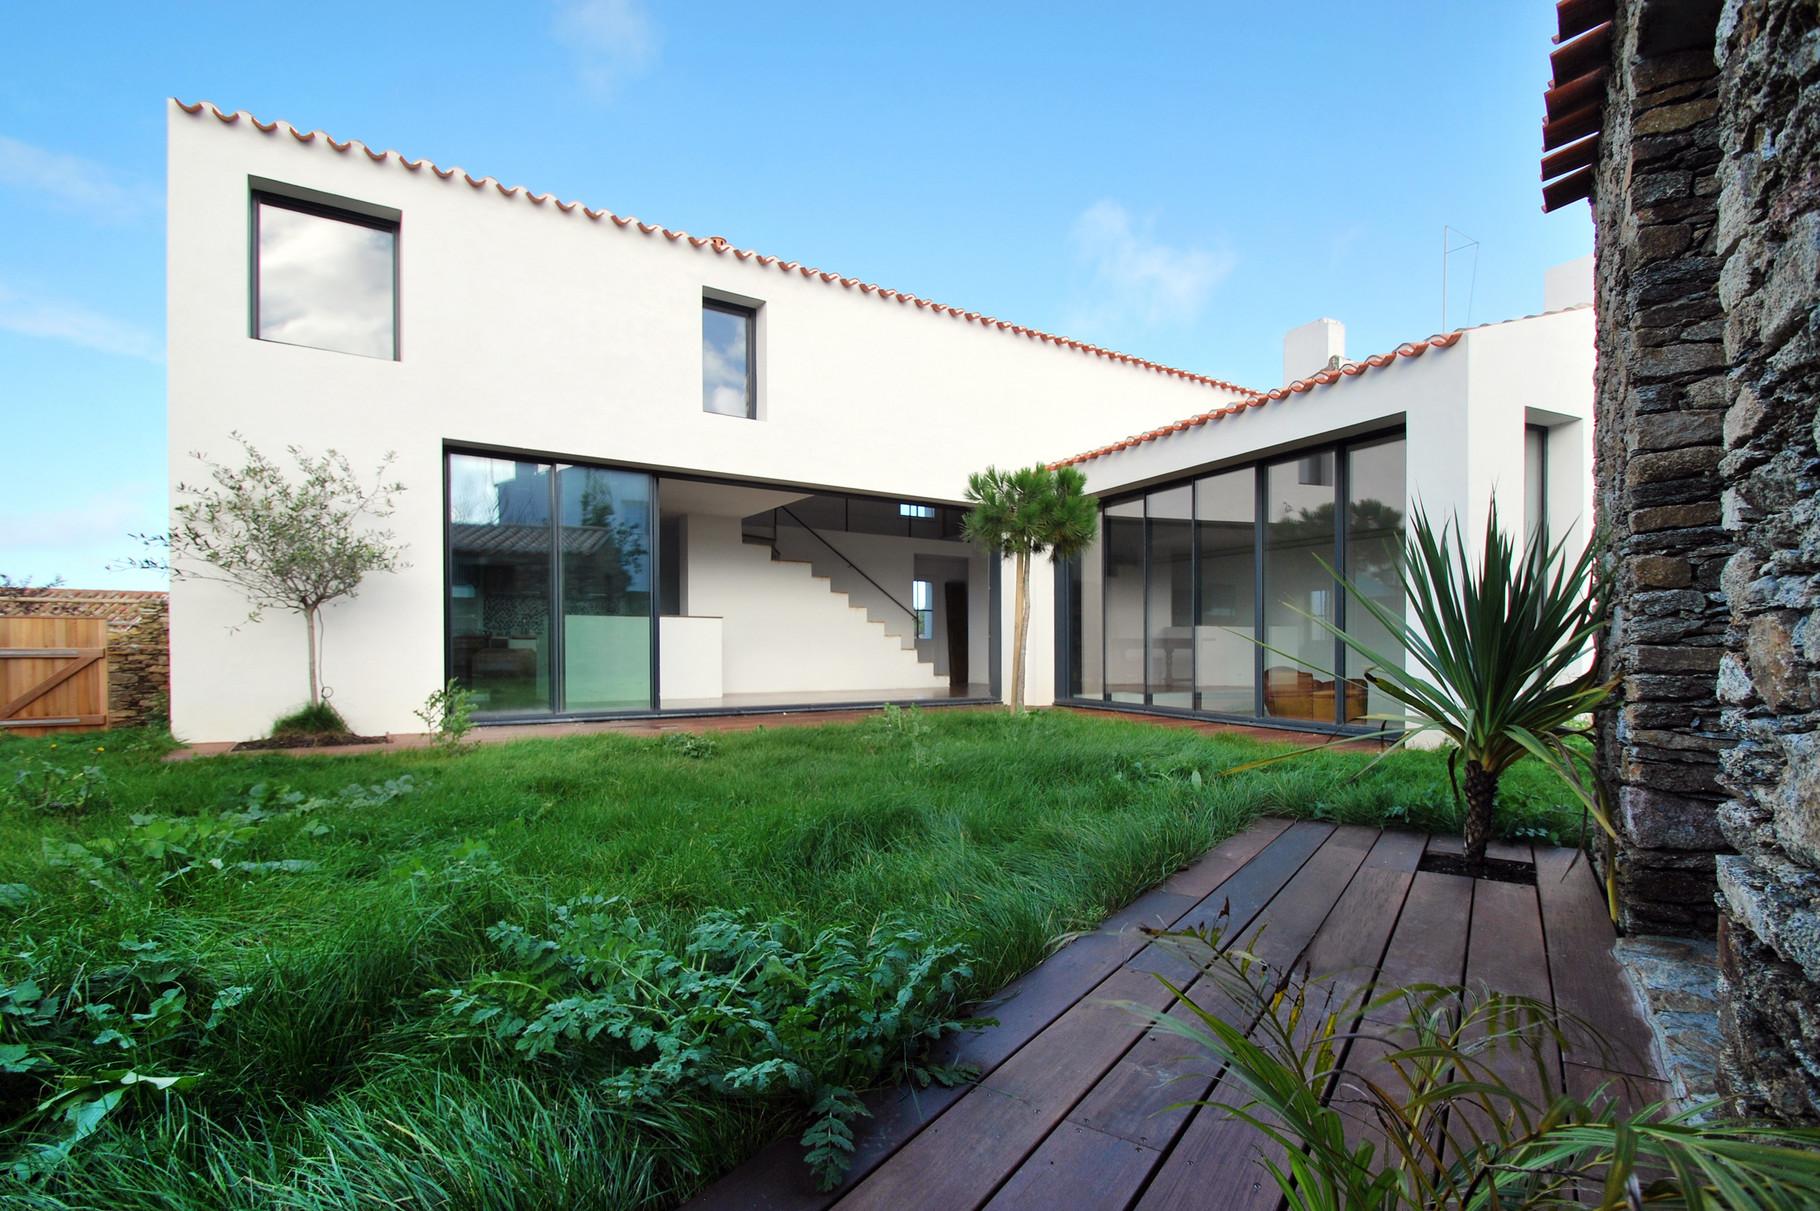 Maison Contemporaine A Ile D Yeu Skp Architecture